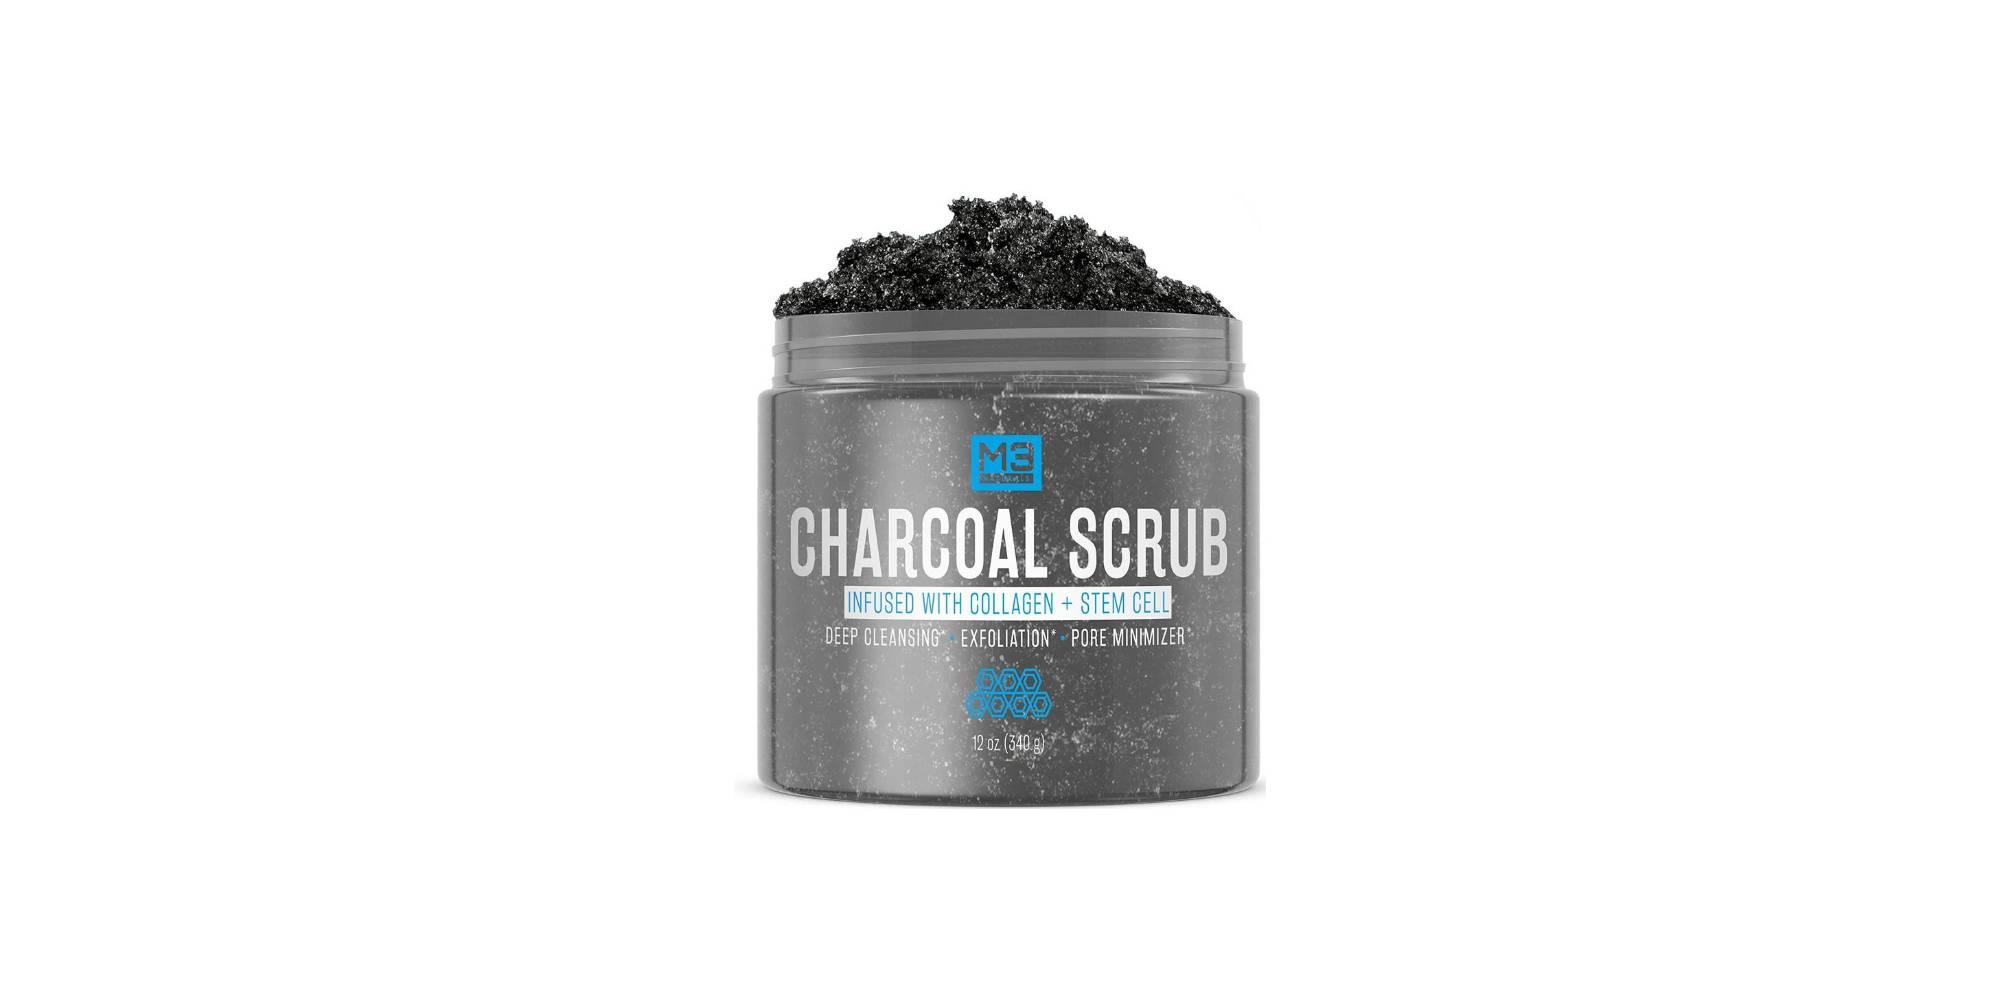 M3 Naturals Premium Activated Charcoal Scrub